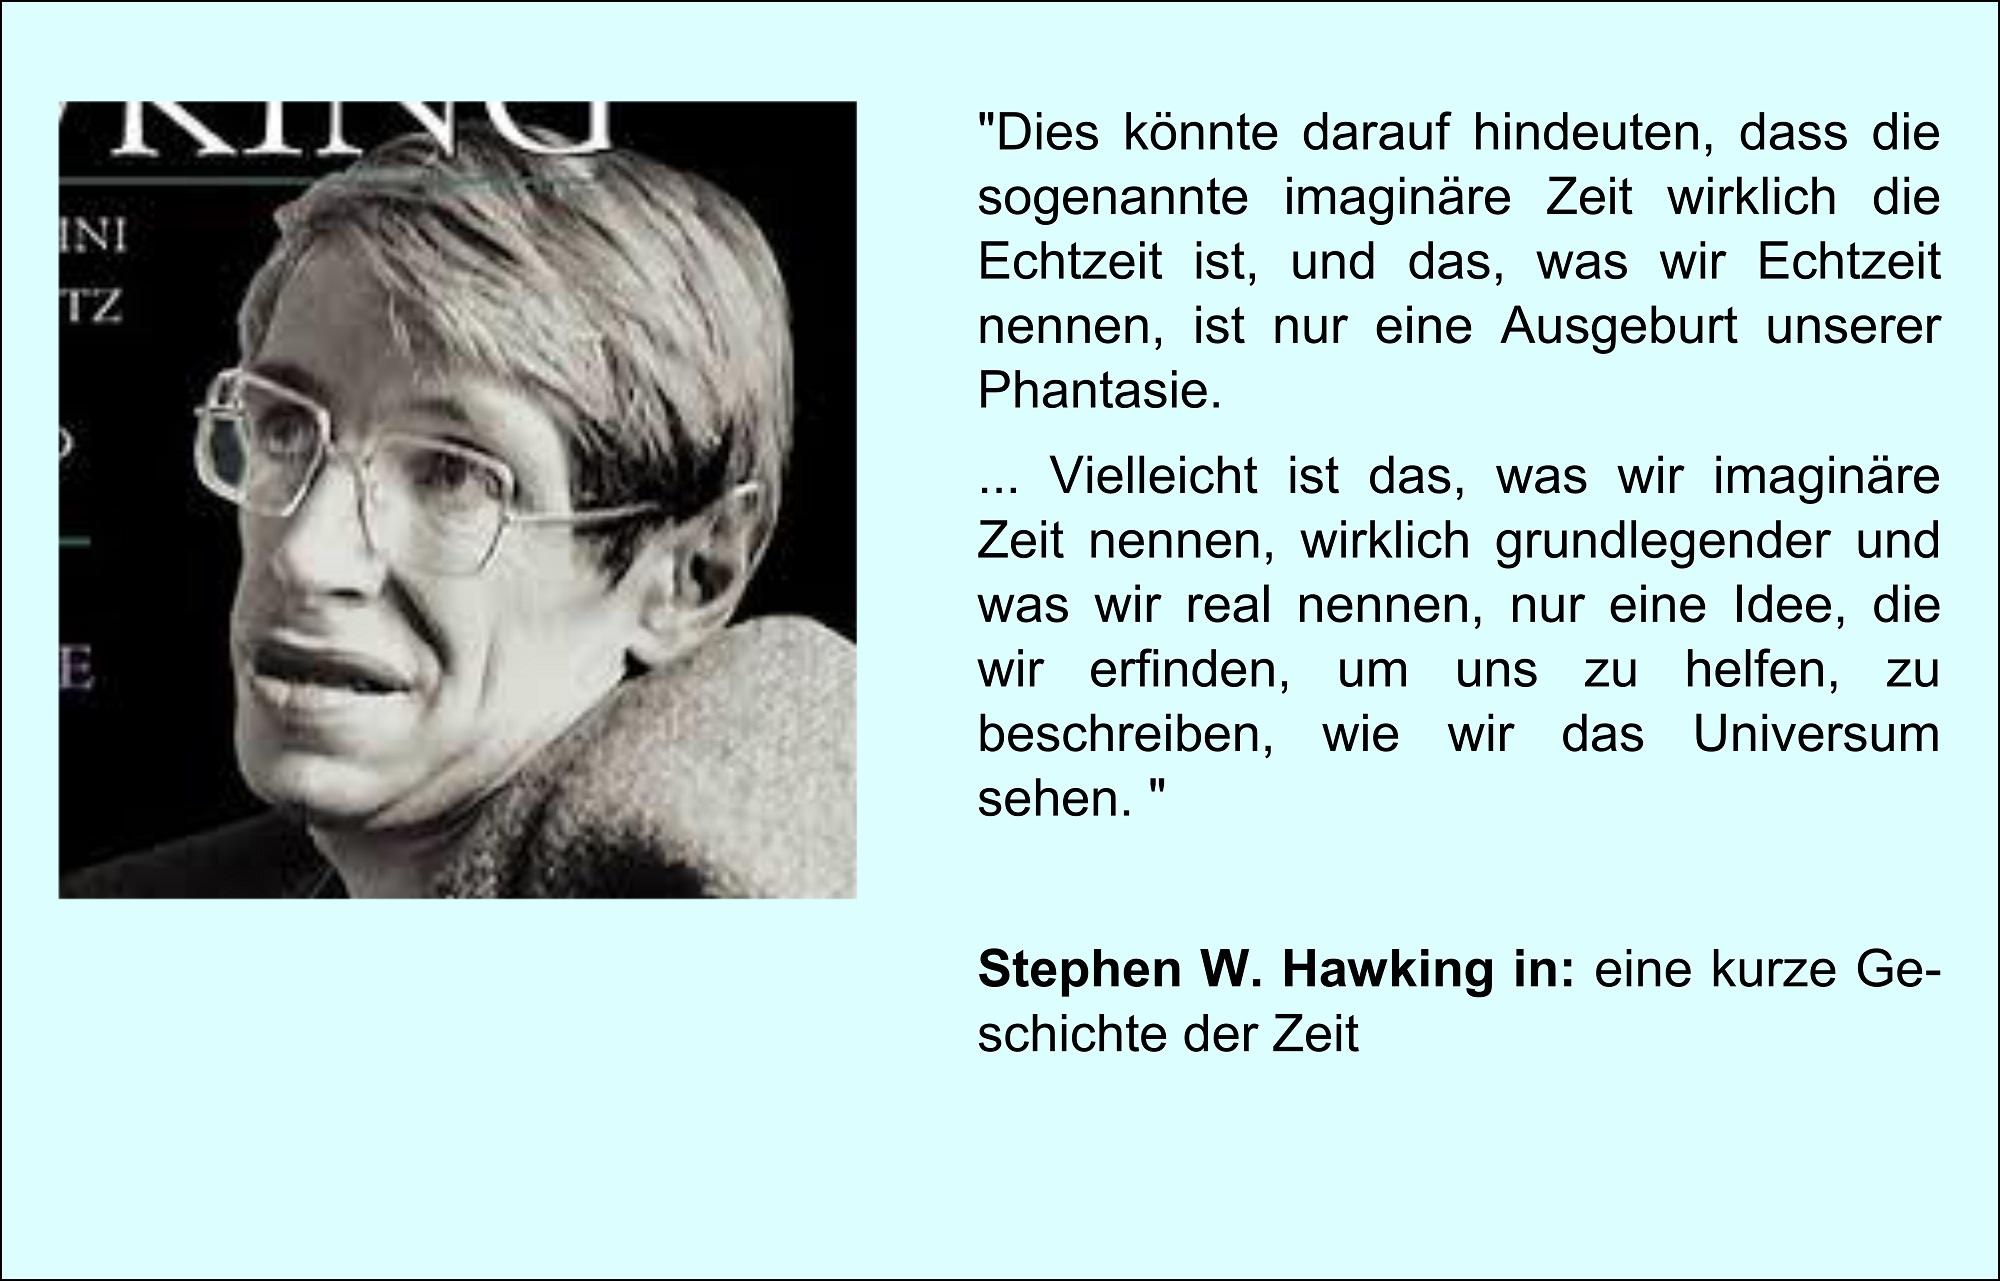 Stephen W. Hawking erklärt die Zeit